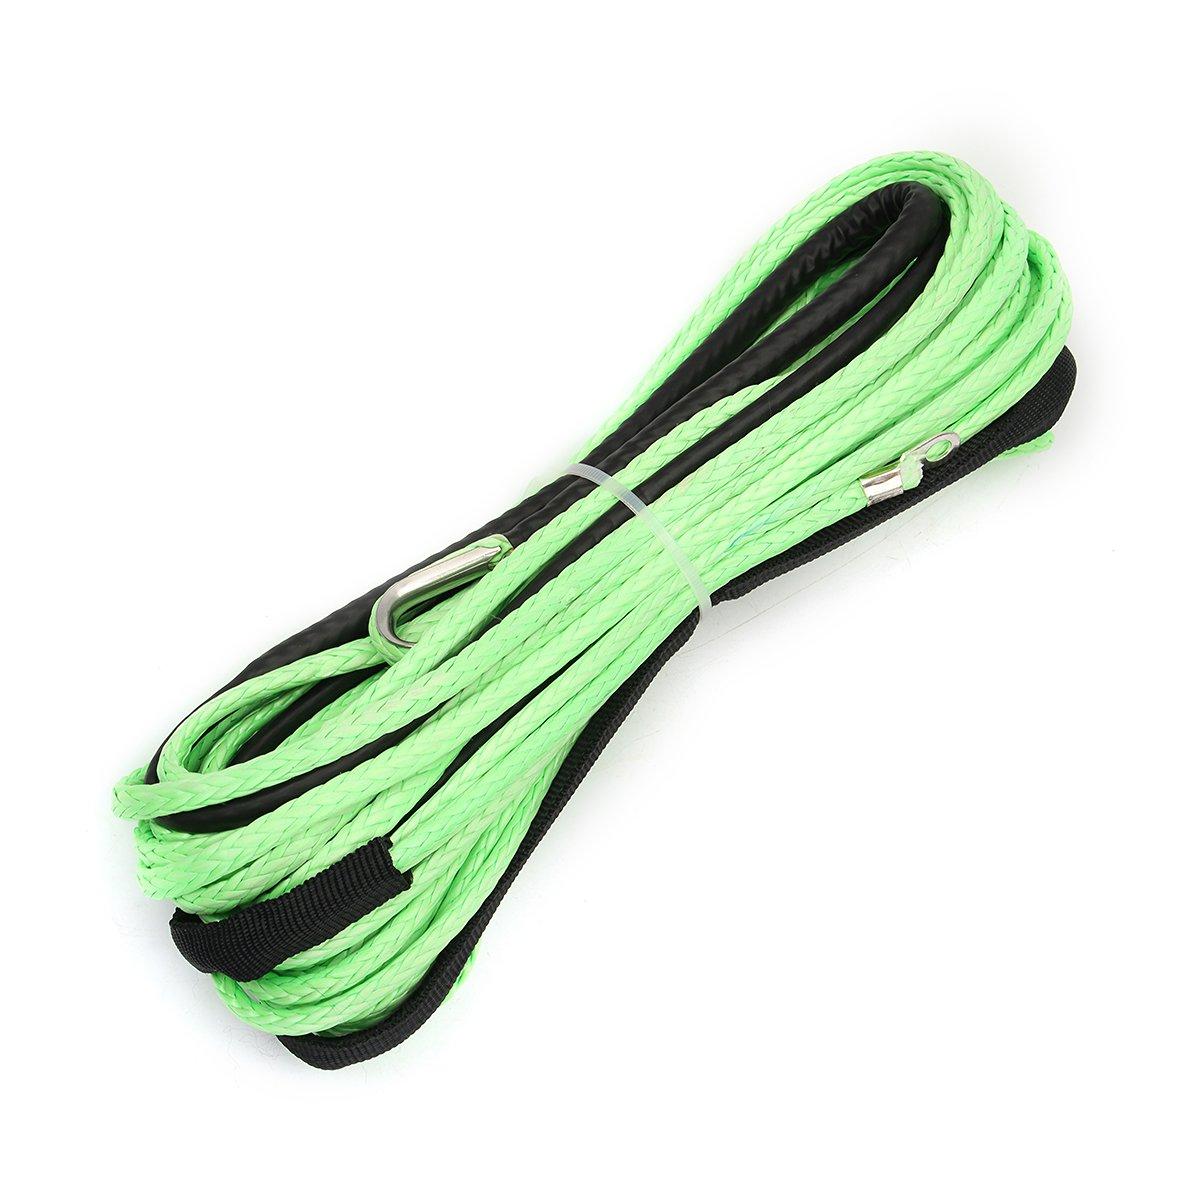 ExcLent Green 3 / 16Inch 50Feet Atv Utv Winch Line Cable Sinté tico De La Cuerda Del Torno Con El Dedal